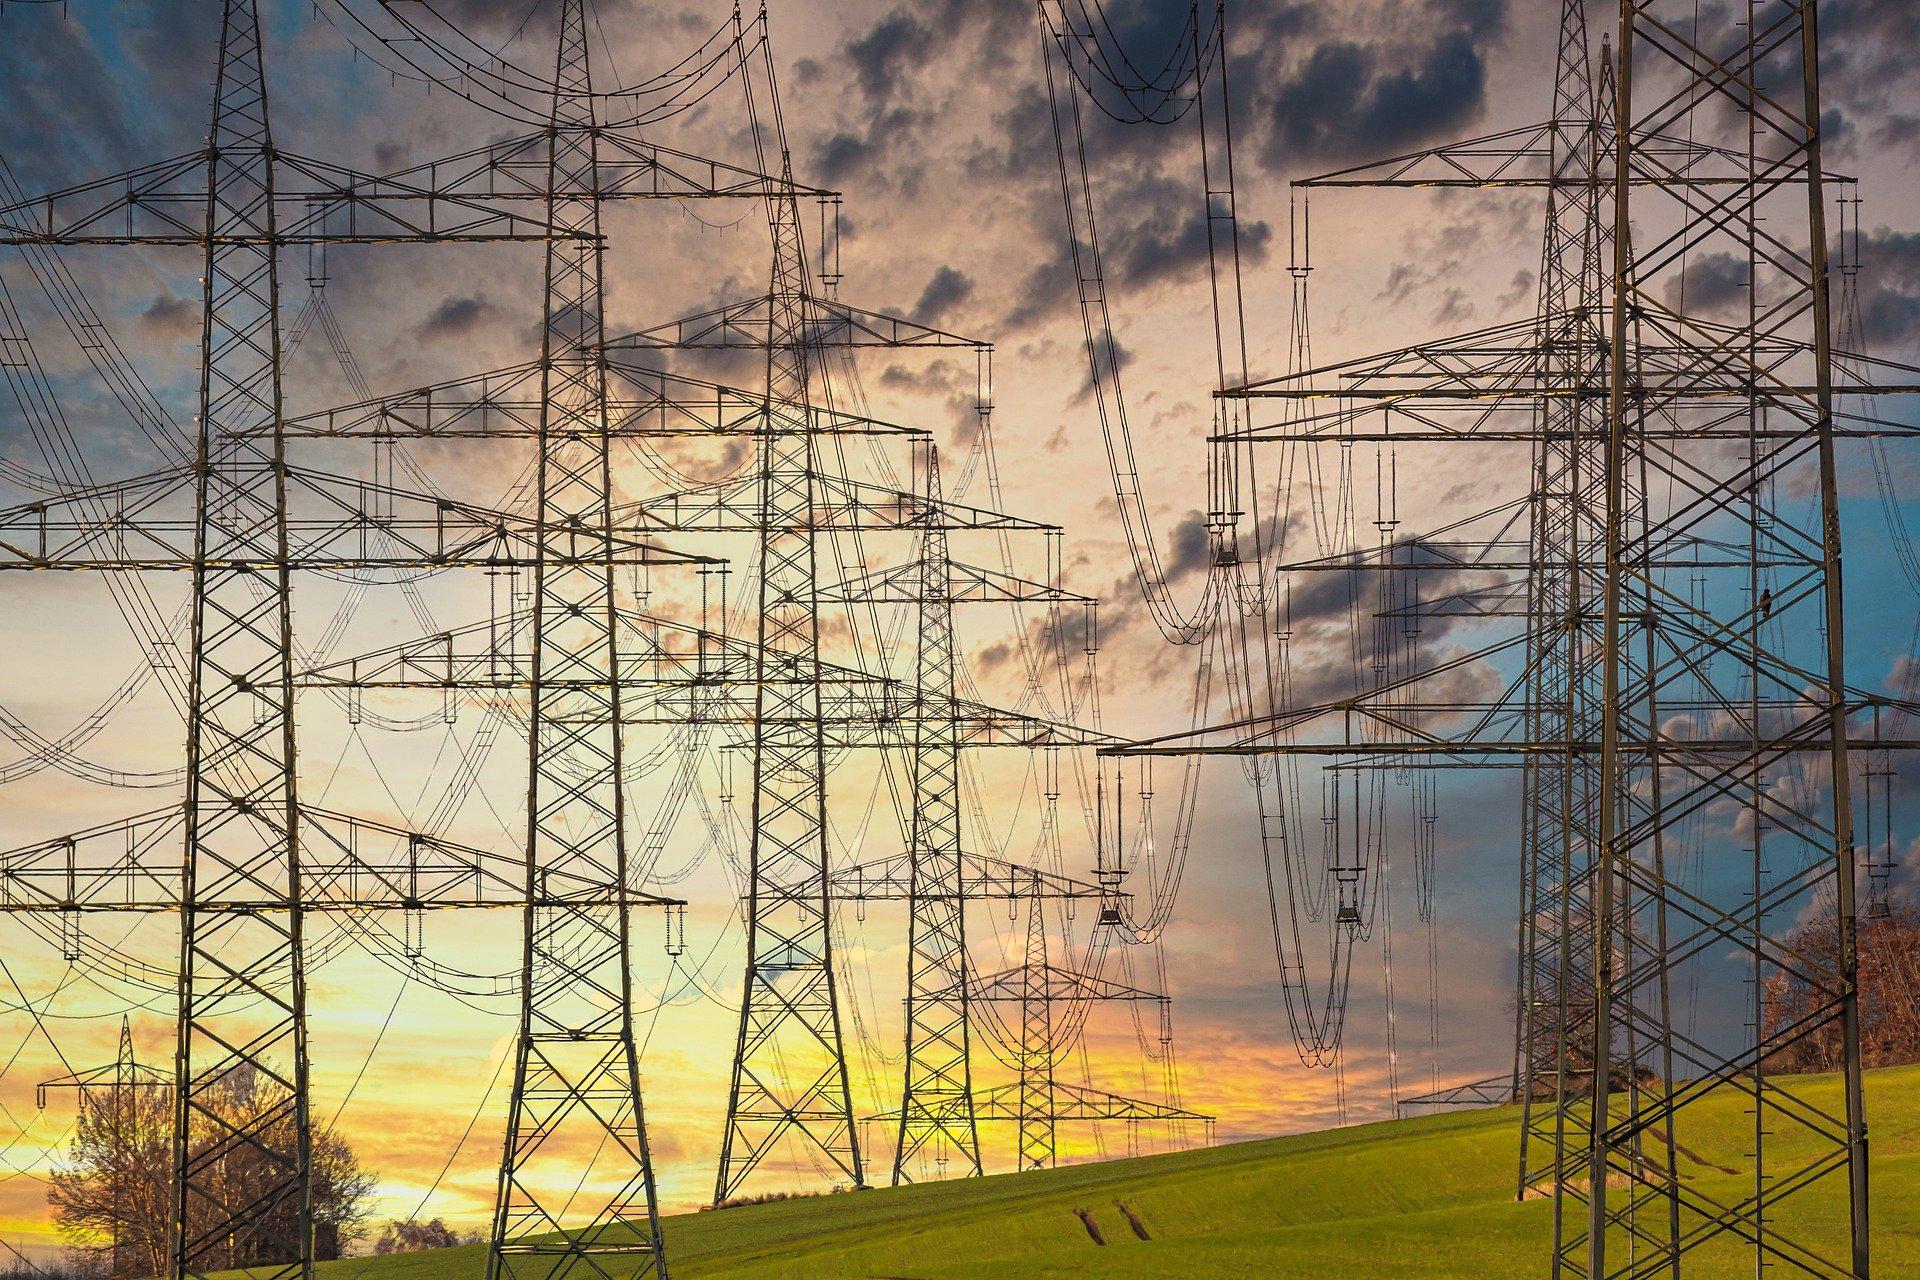 """(Redução dos encargos deve ser repensada para que conta de energia não fique """"impagável"""". Foto: Reprodução/Pixabay)"""